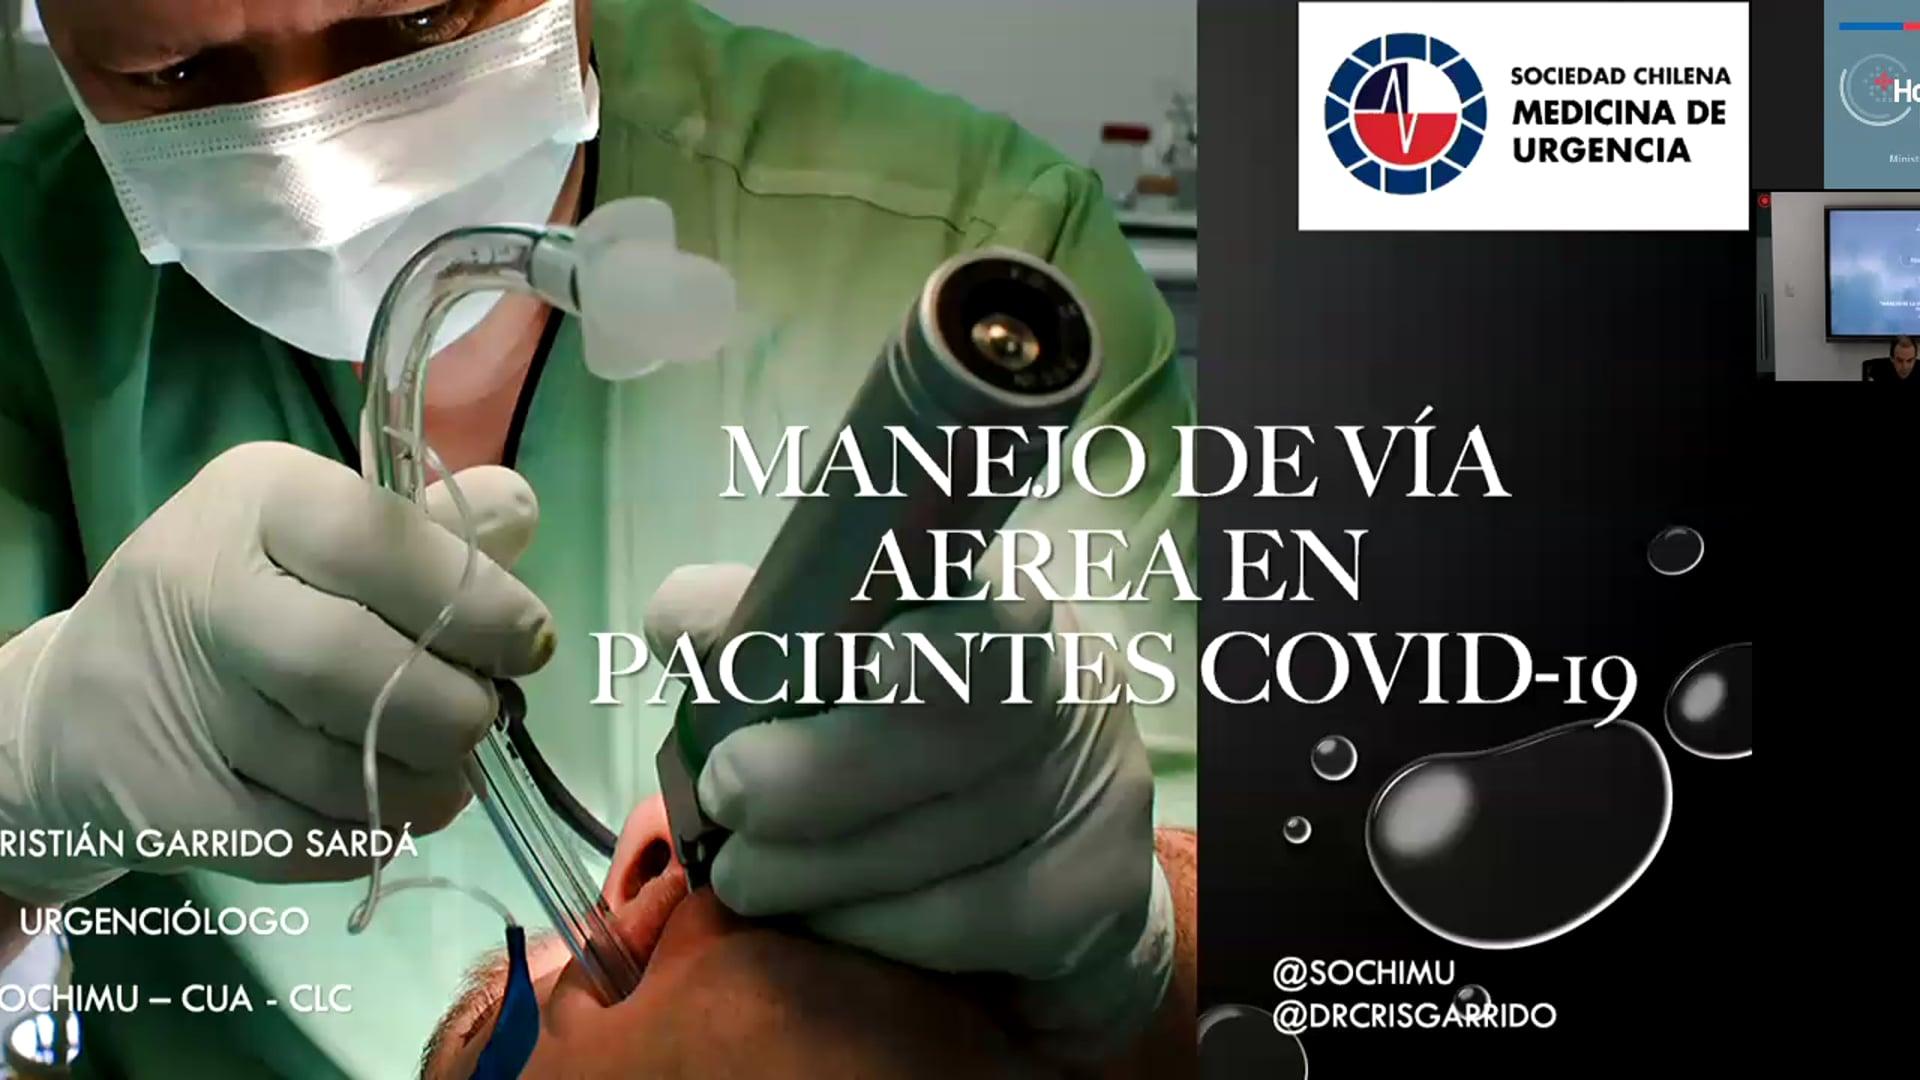 19-03-2020 - Manejo de la Vía Aérea en la Urgencia en el Paciente COVID-19